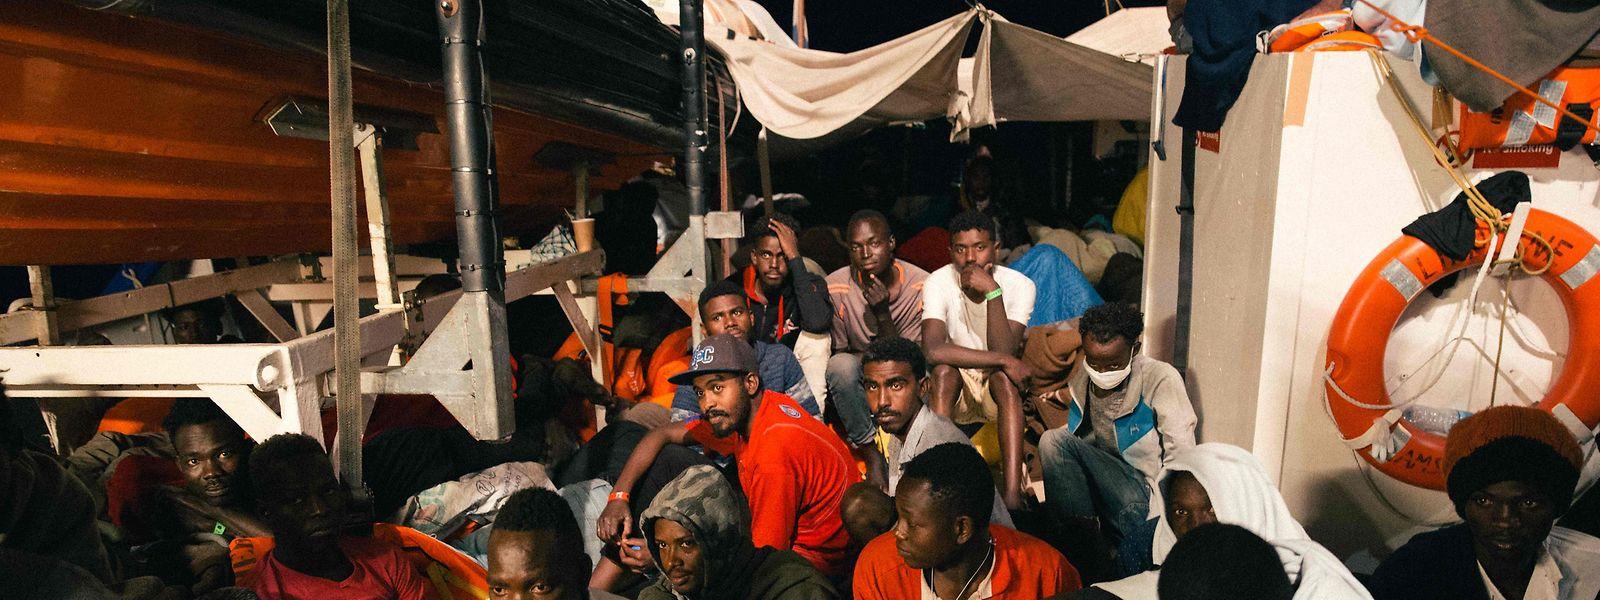 Auf engstem Raum warten die Flüchtlinge tagelang darauf, mit der Lifeline in einen Hafen einlaufen zu dürfen.